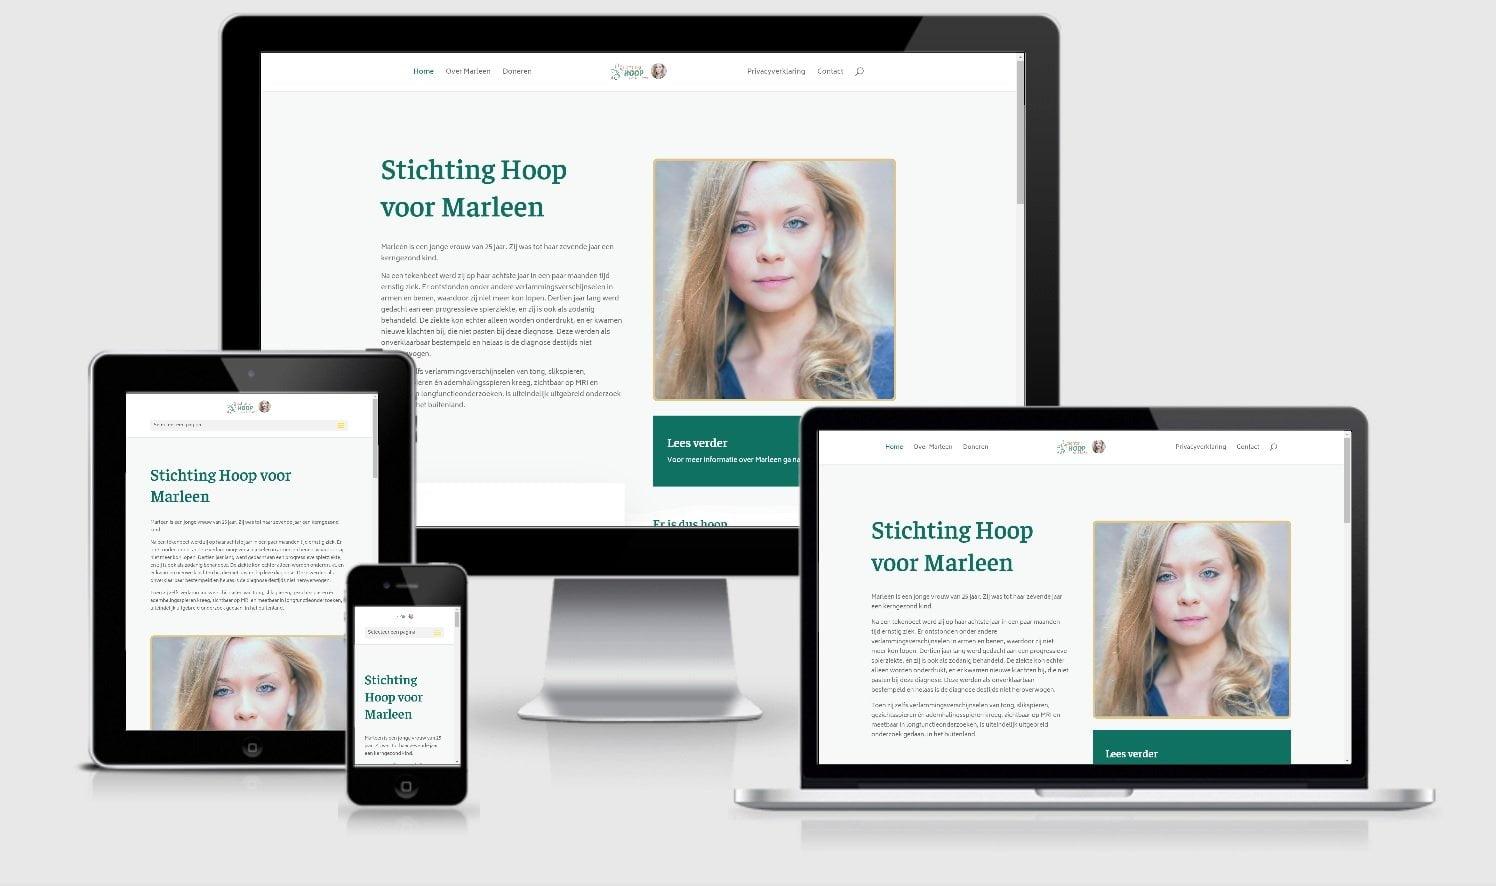 Webdesign Mockup Stichting Hoop voor Marleen